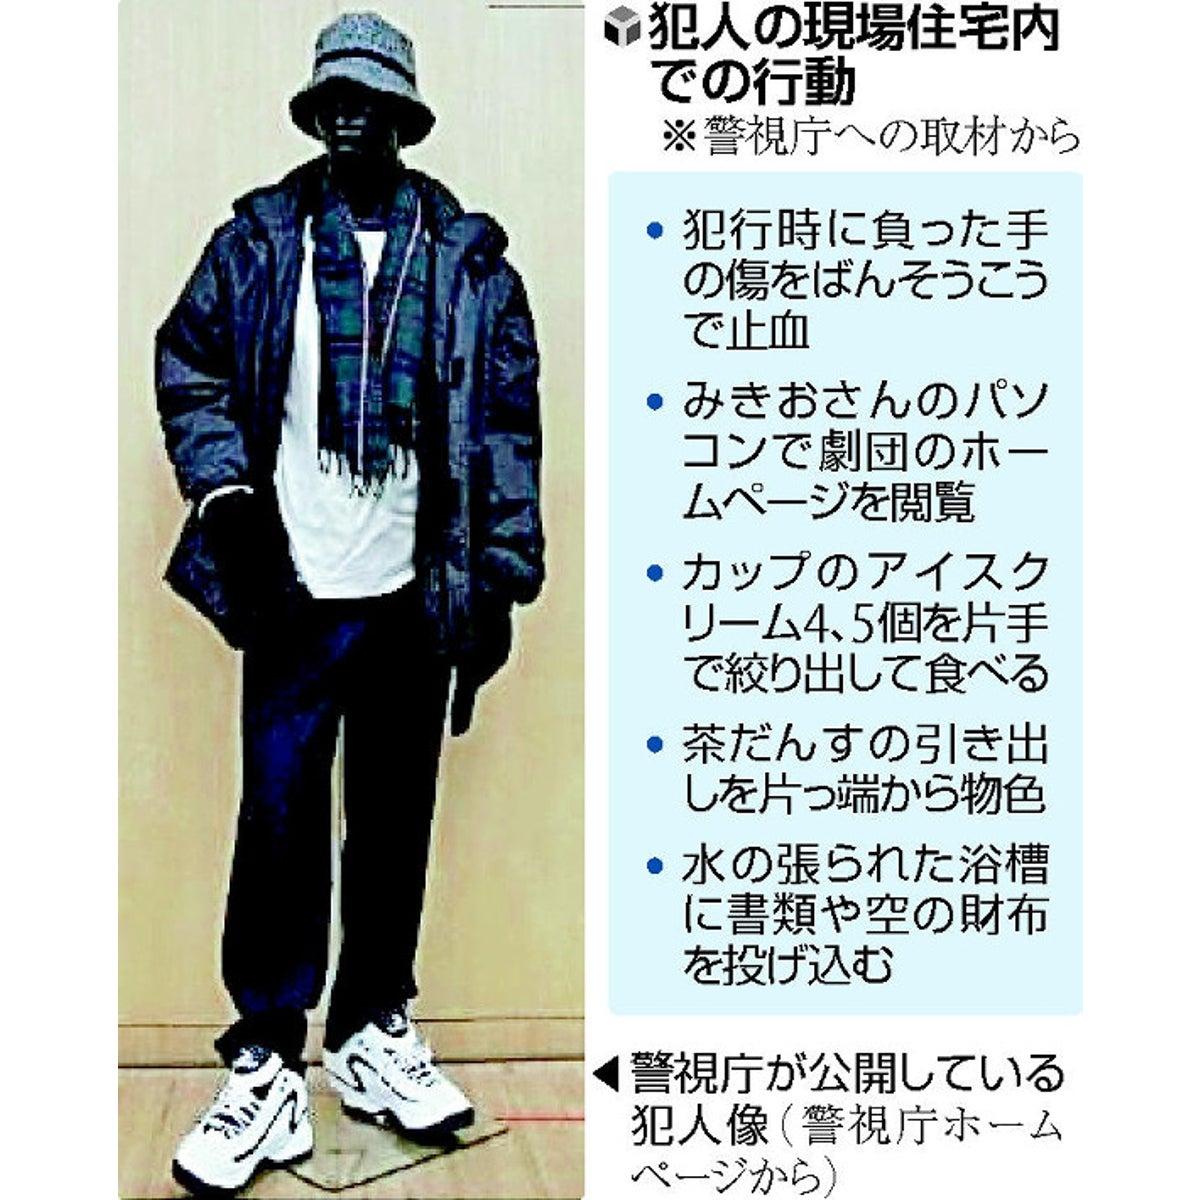 世田谷一家殺害20年]<中>ぼやけていた輪郭くっきり、ある男の画像 ...